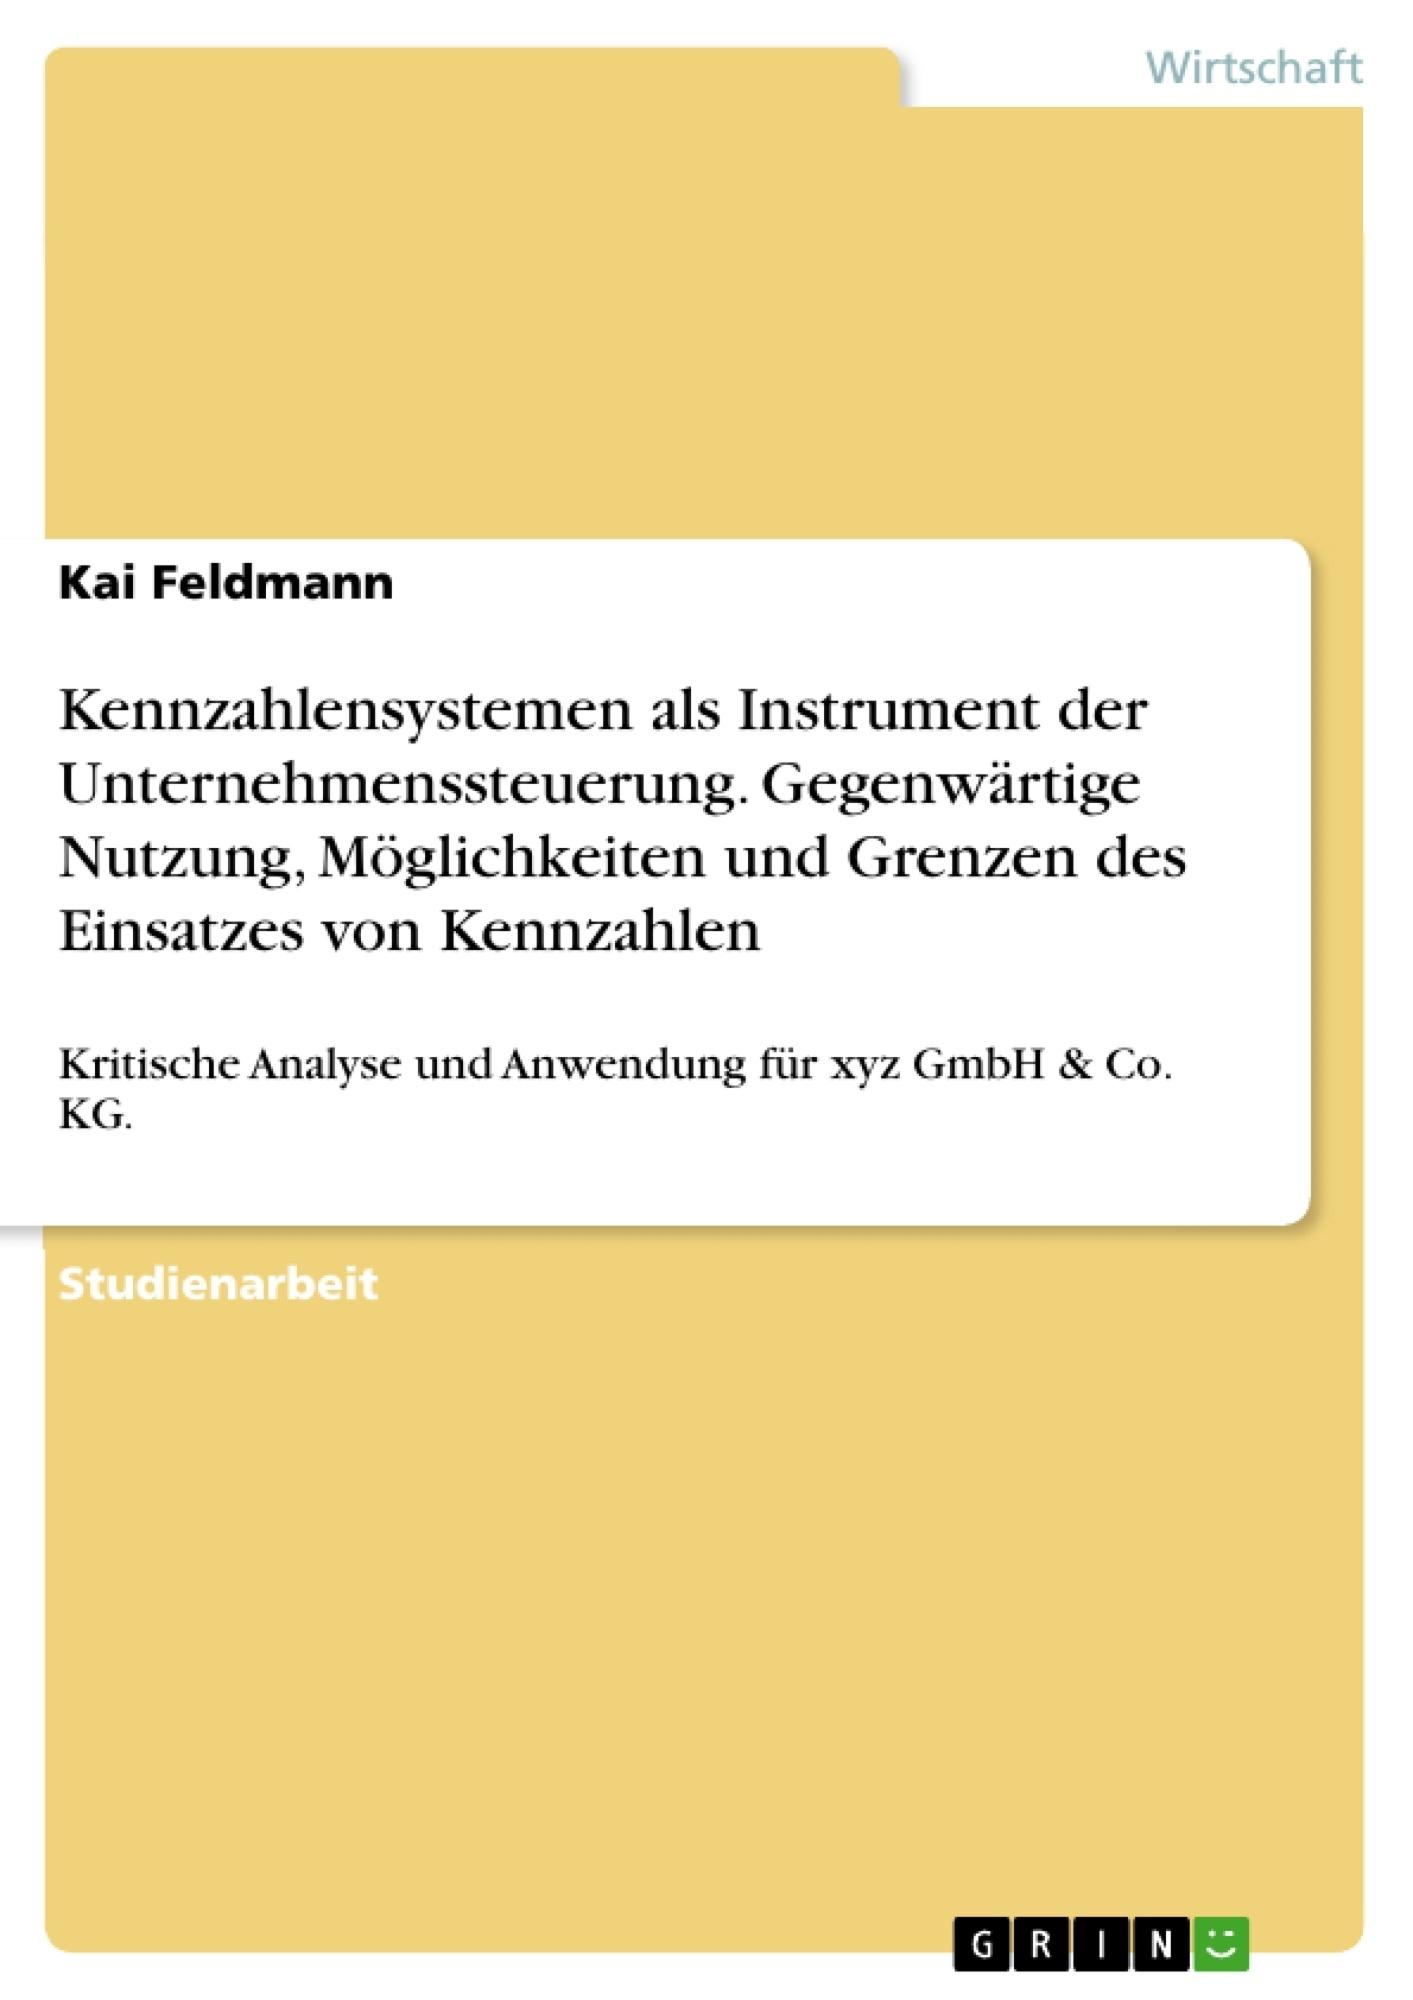 Titel: Kennzahlensystemen als Instrument der Unternehmenssteuerung. Gegenwärtige Nutzung, Möglichkeiten und Grenzen des Einsatzes von Kennzahlen